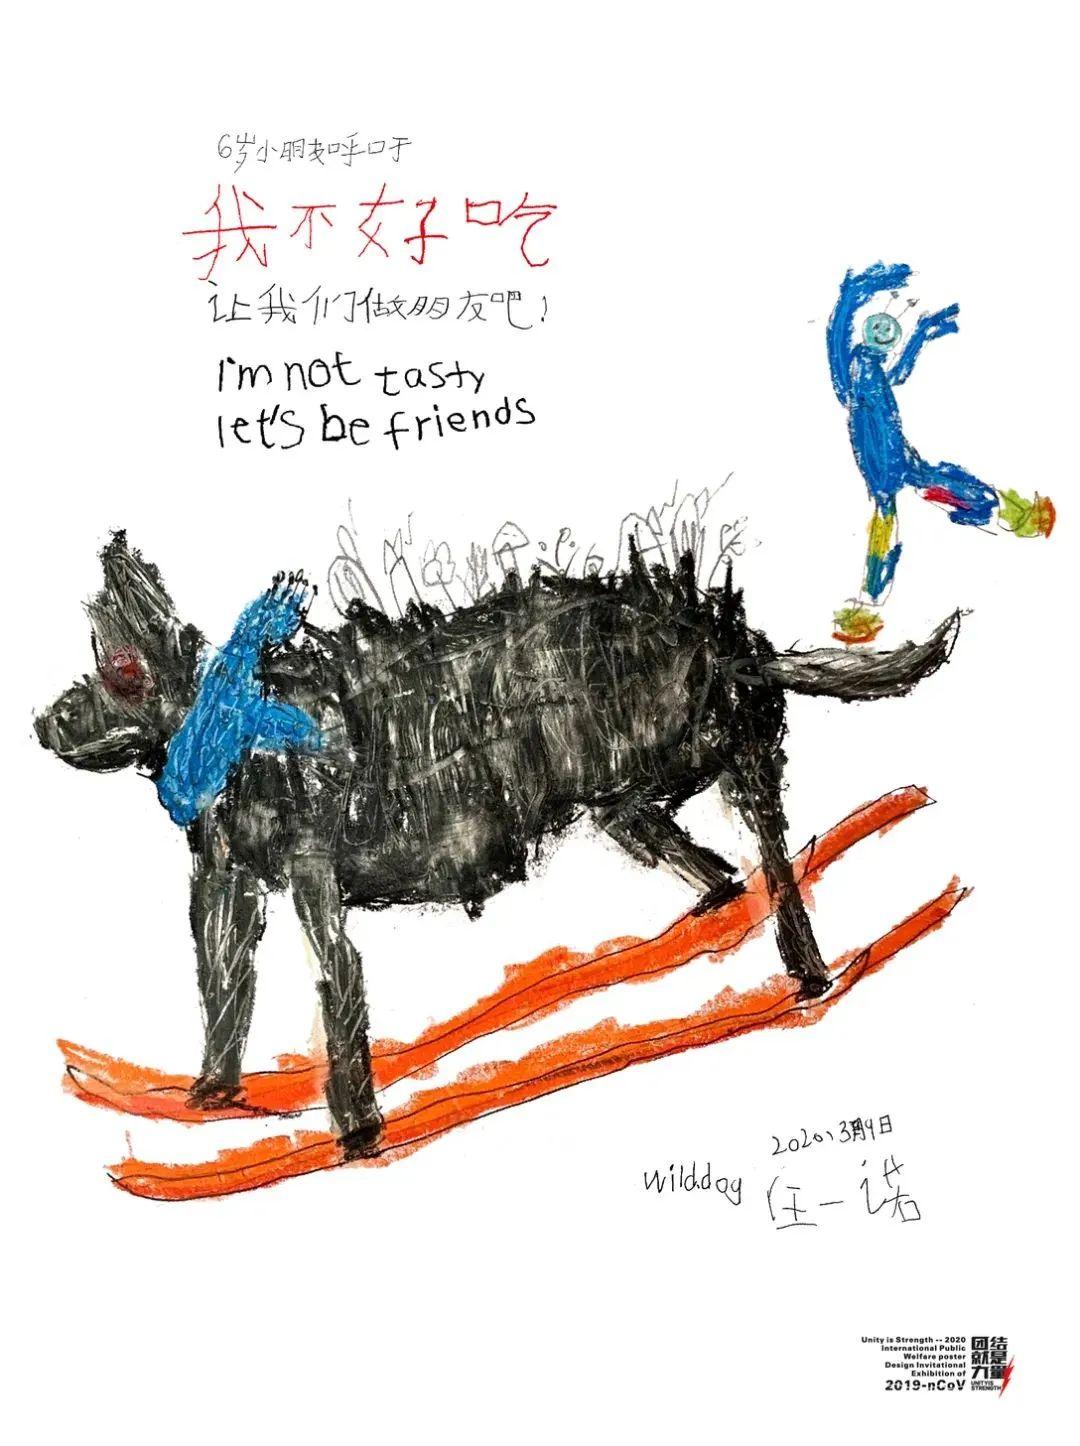 6岁蒙古族小设计师用插画拯救野生动物,为抗疫助力! 第28张